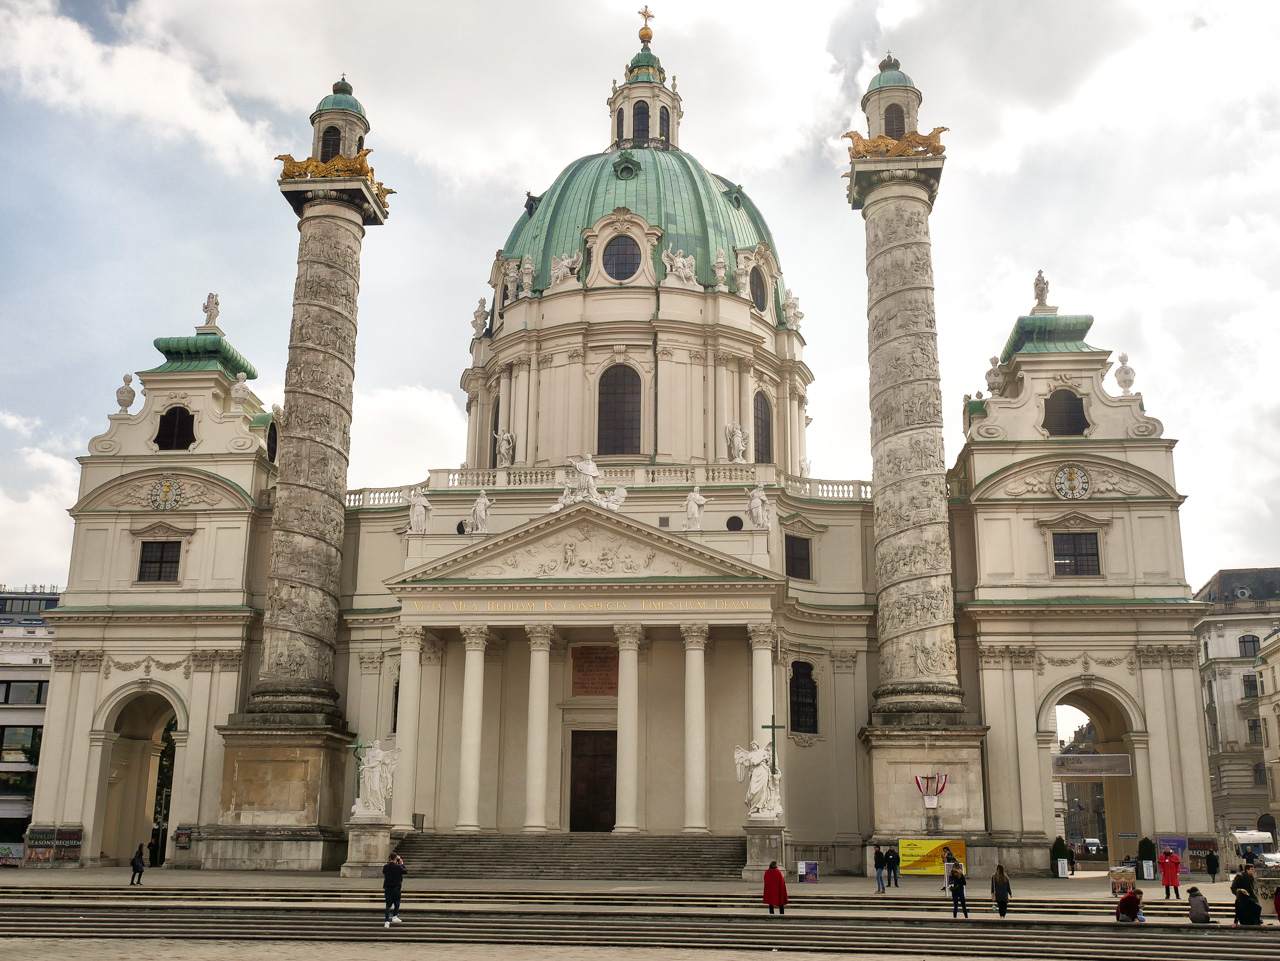 L'église Saint-Charles de Vienne